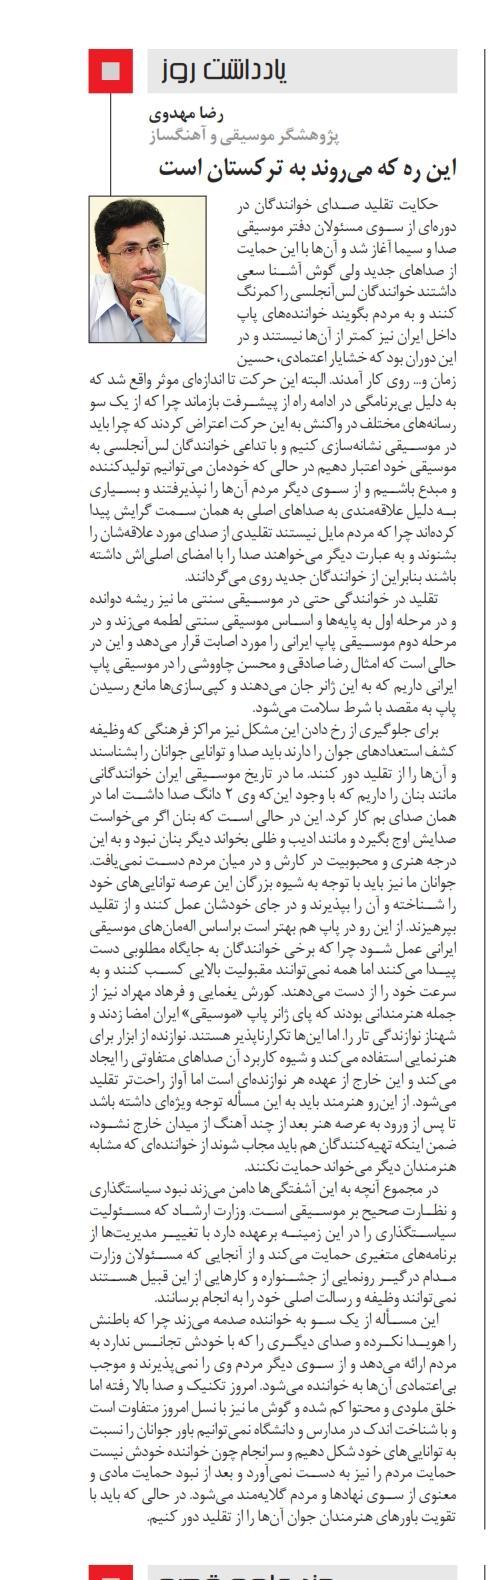 صحبت های رضا مهدوی